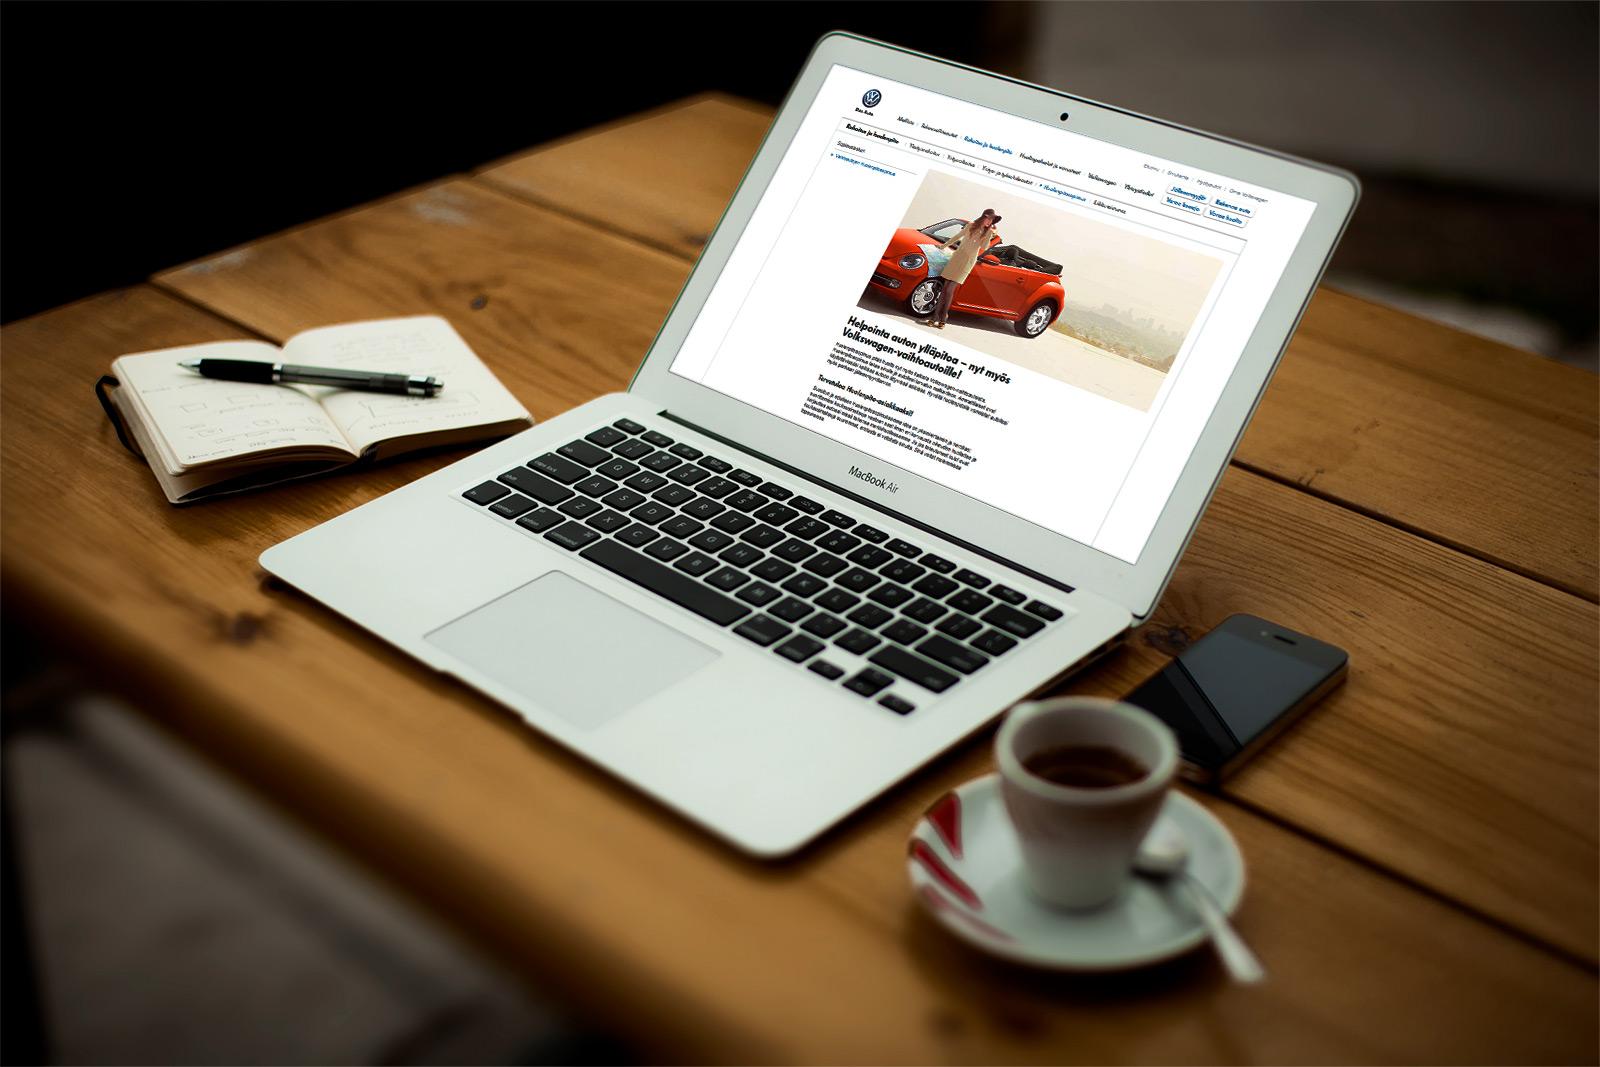 Volkswagen sähköautot site desktop mockup